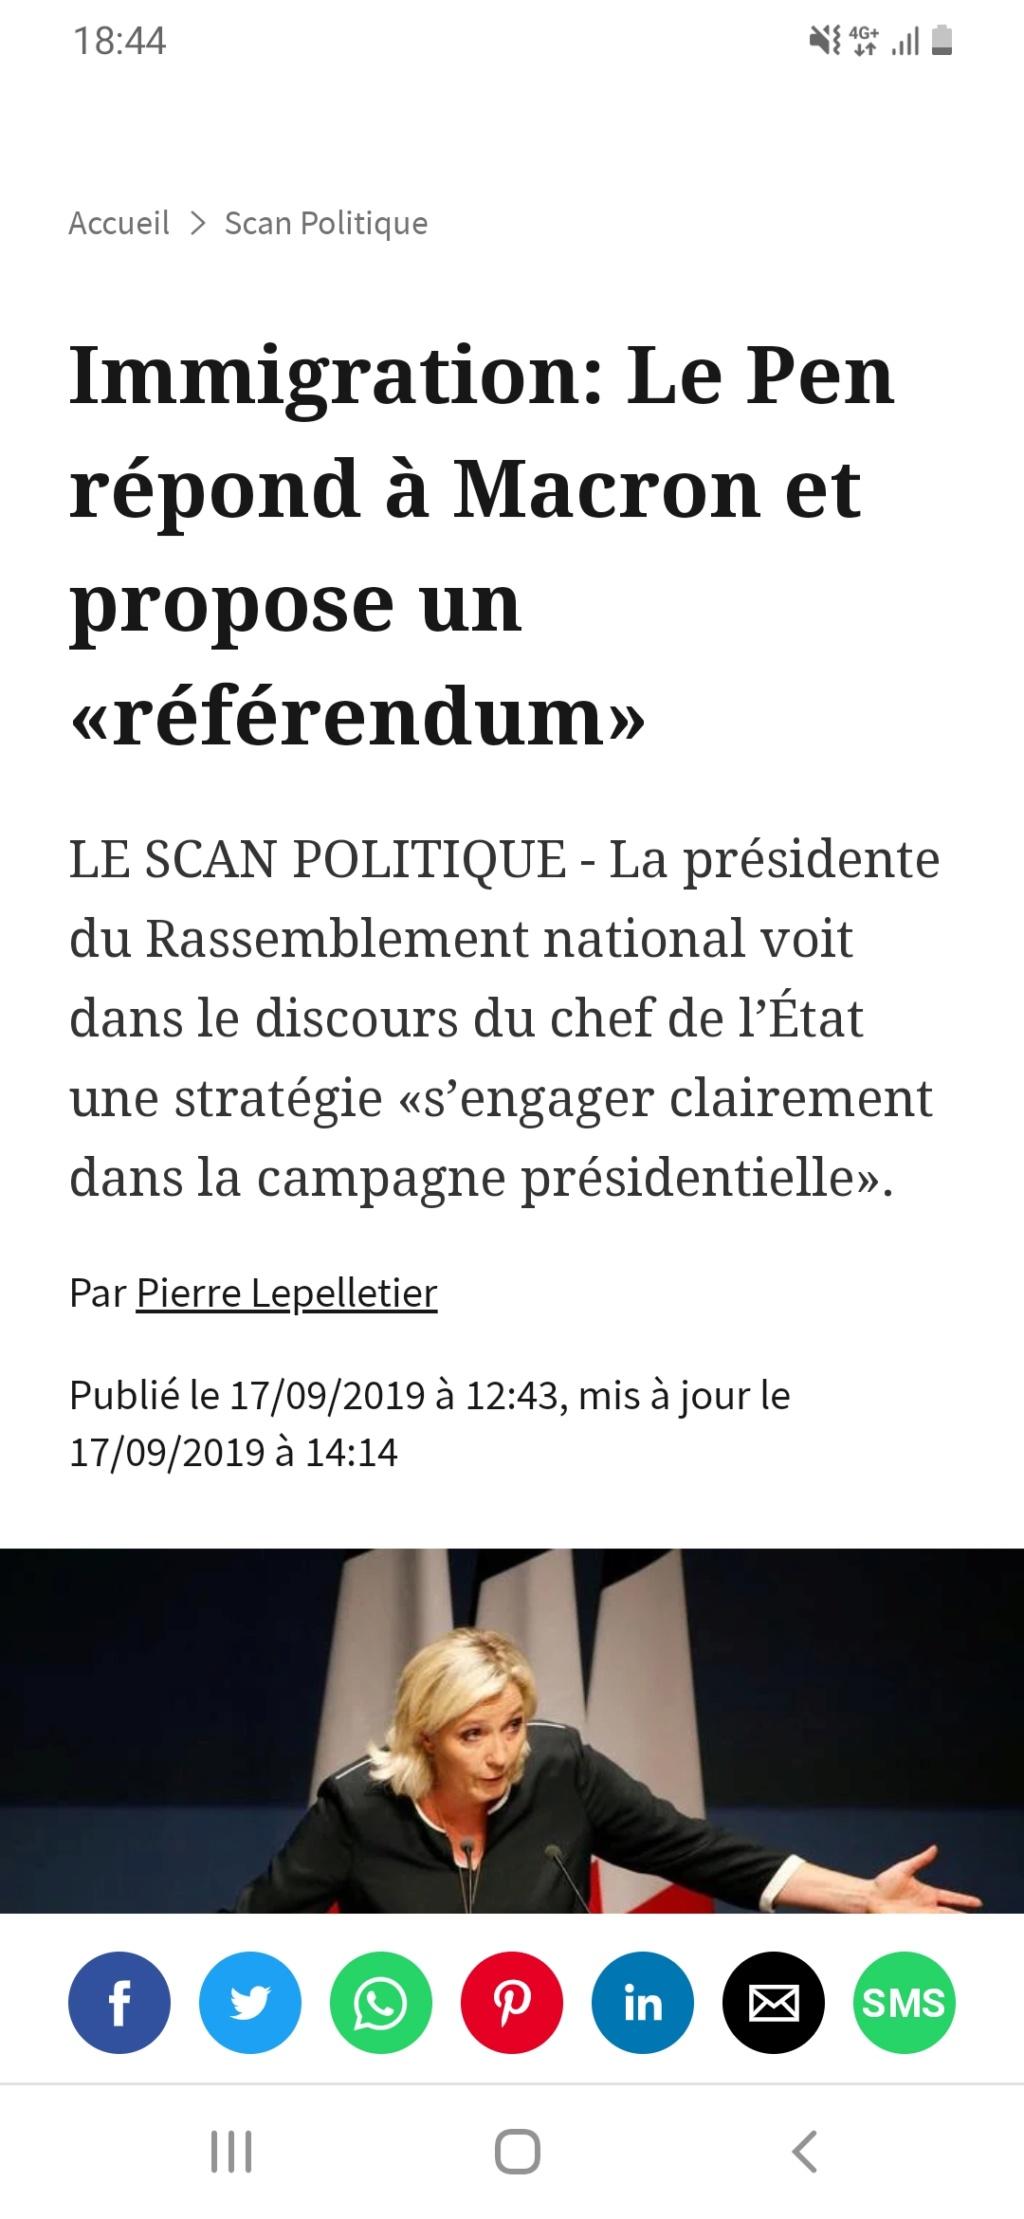 Marine Le Pen prochain président de la France ? - Page 2 Screen21